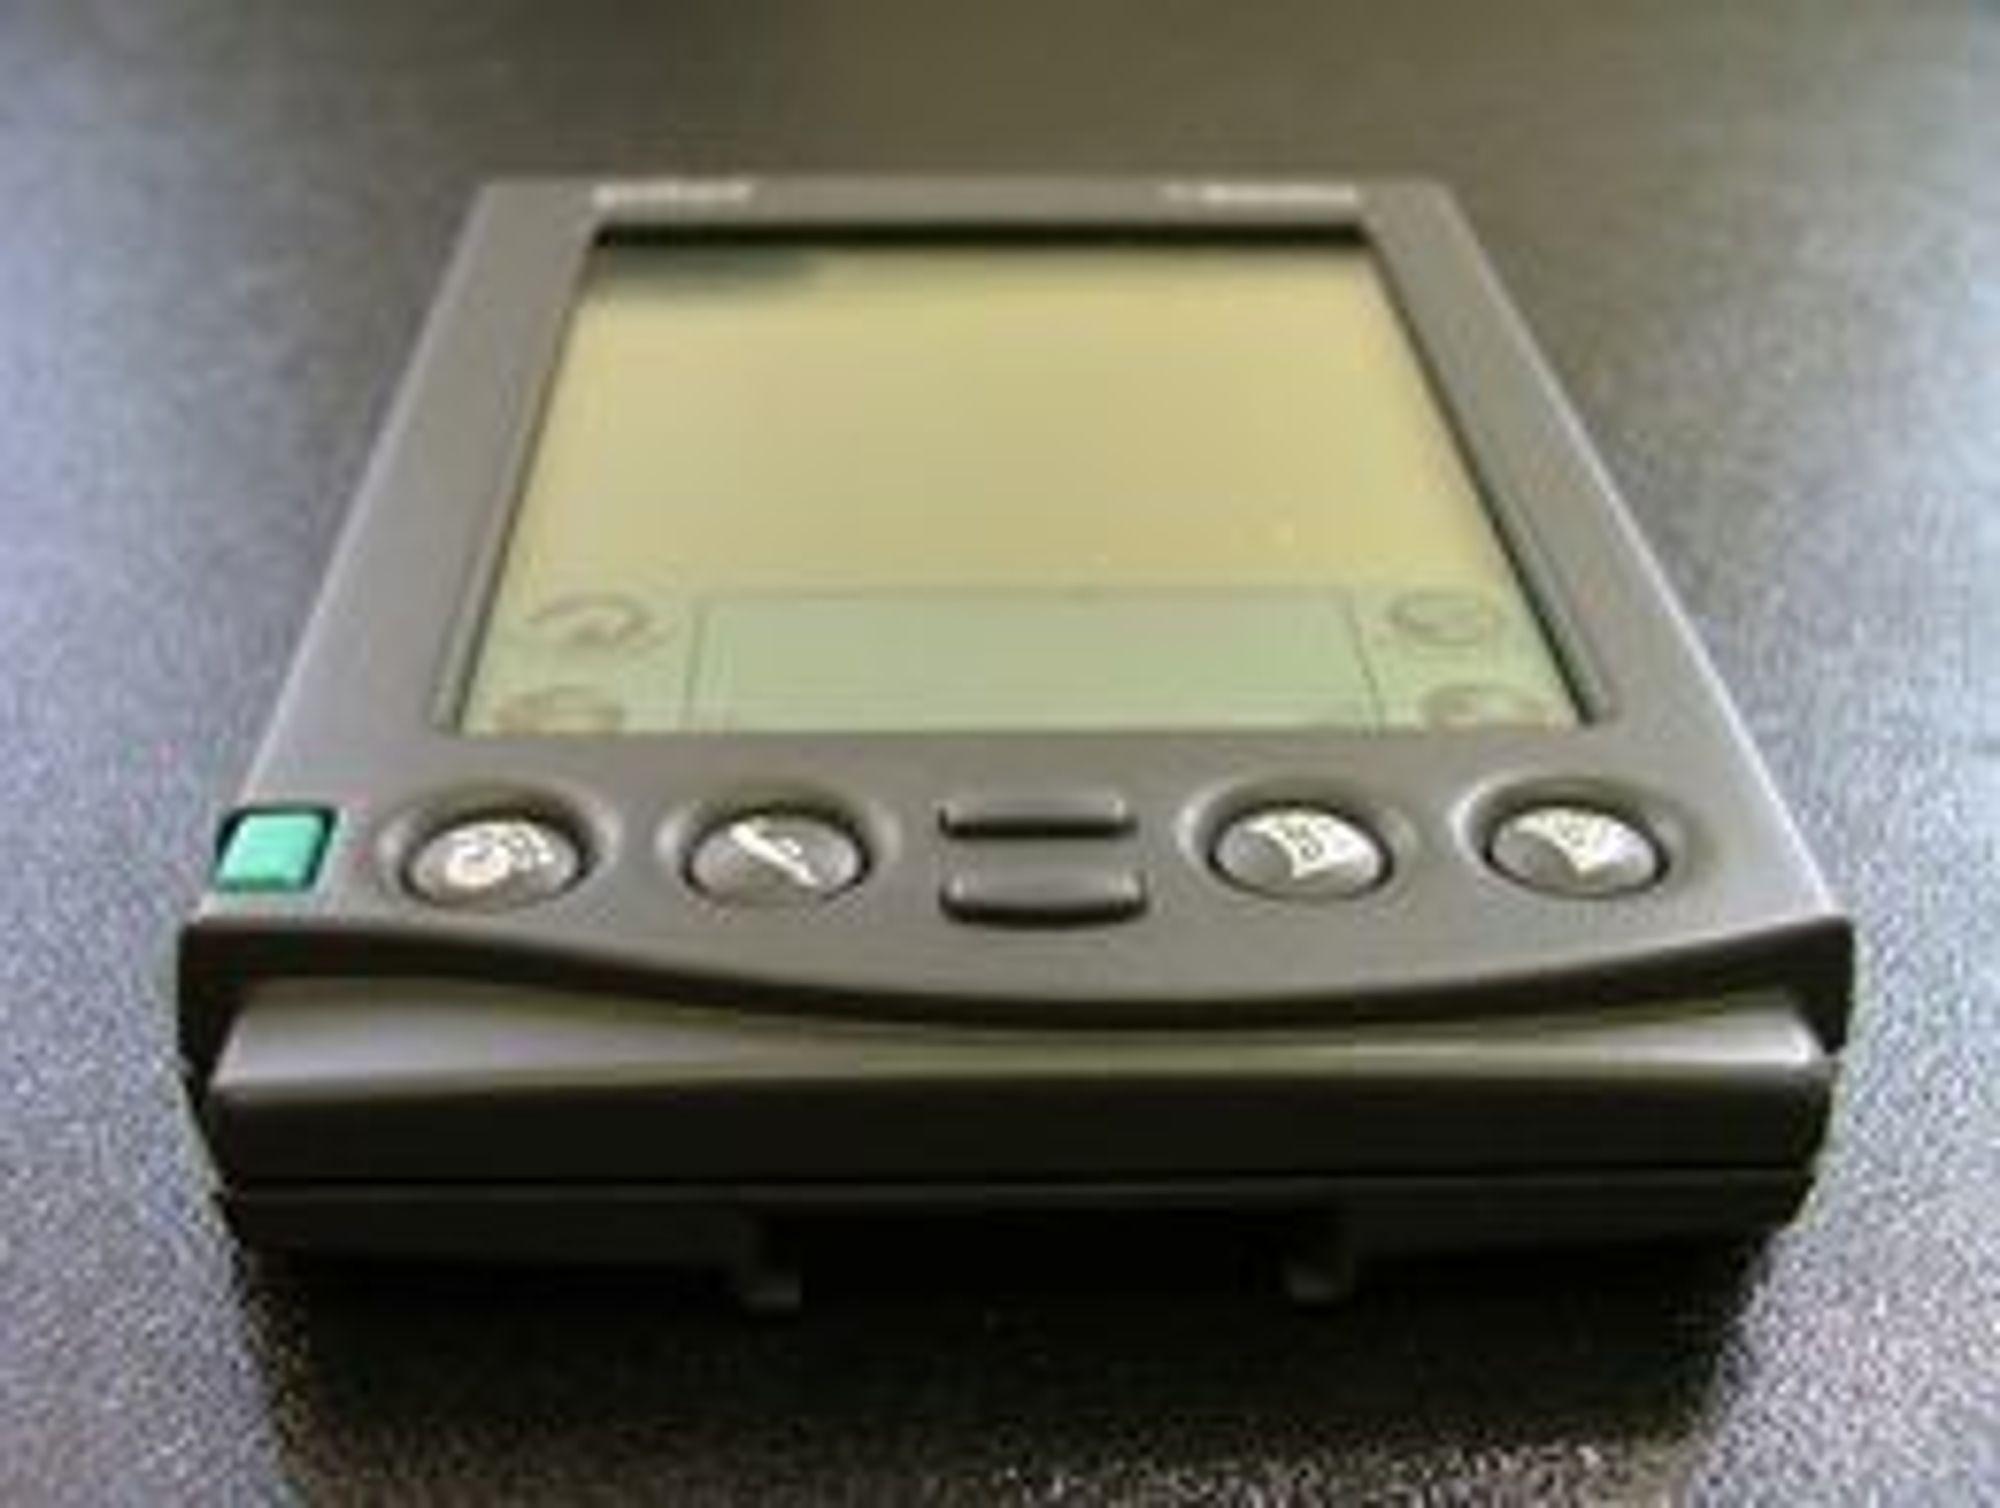 ORIGINALEN: Palm Pilot slik den fremsto i begynnelsen i 1996. Apple prøvde seg med sin Newton, men det var Palm som lykkes skape et helt nytt marked - som de dominerte fullstendig i flere år.